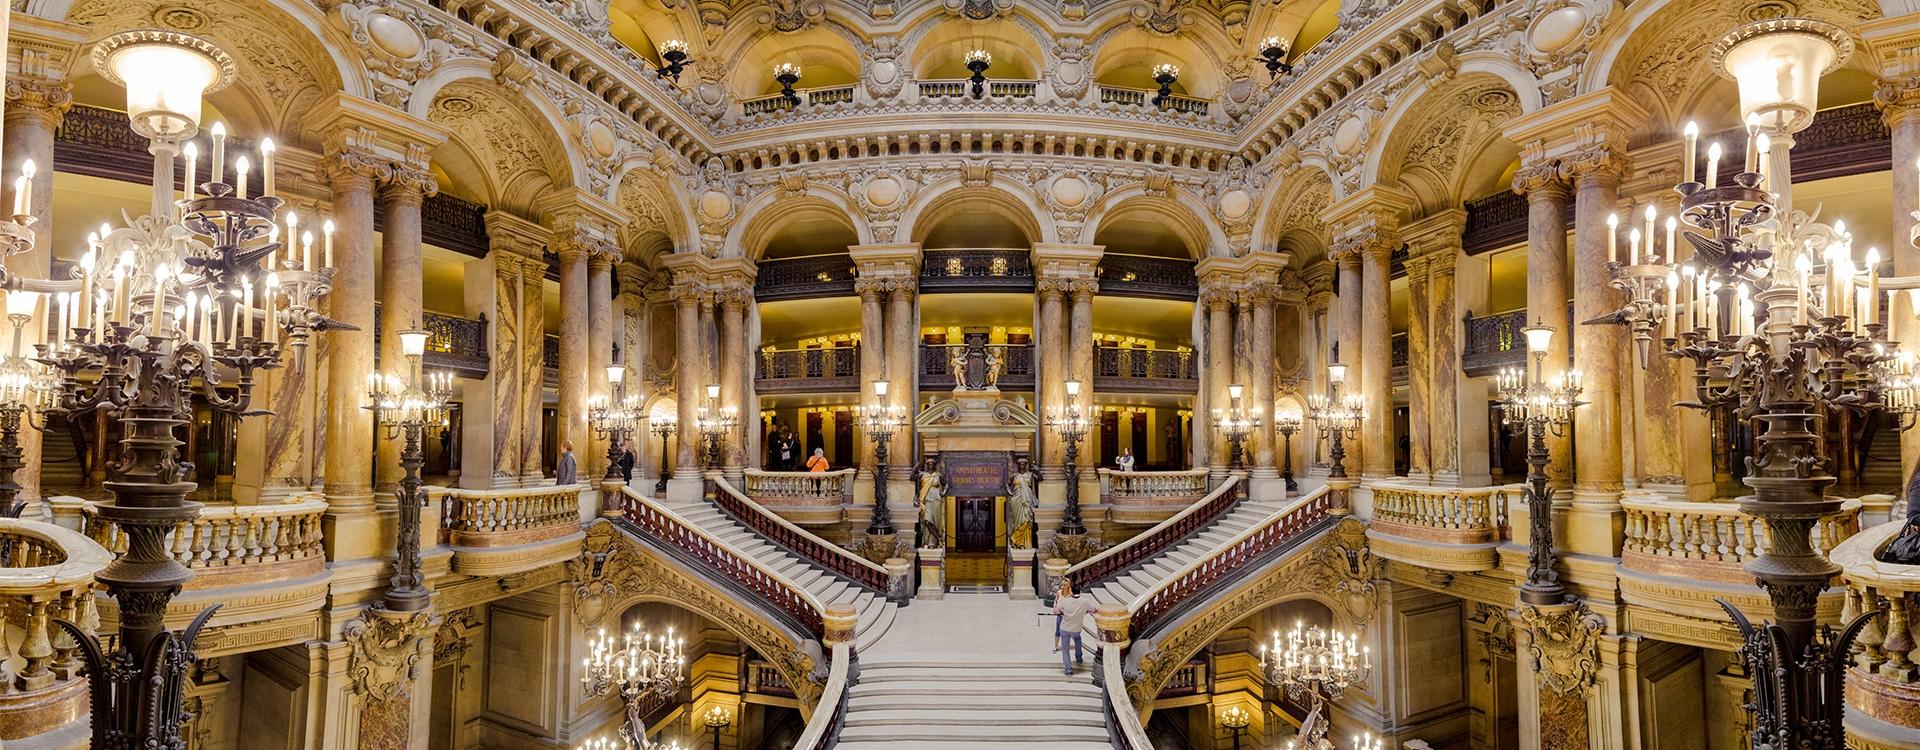 Un nouveau directeur musical pour l'Opéra de Paris (C1-C2)